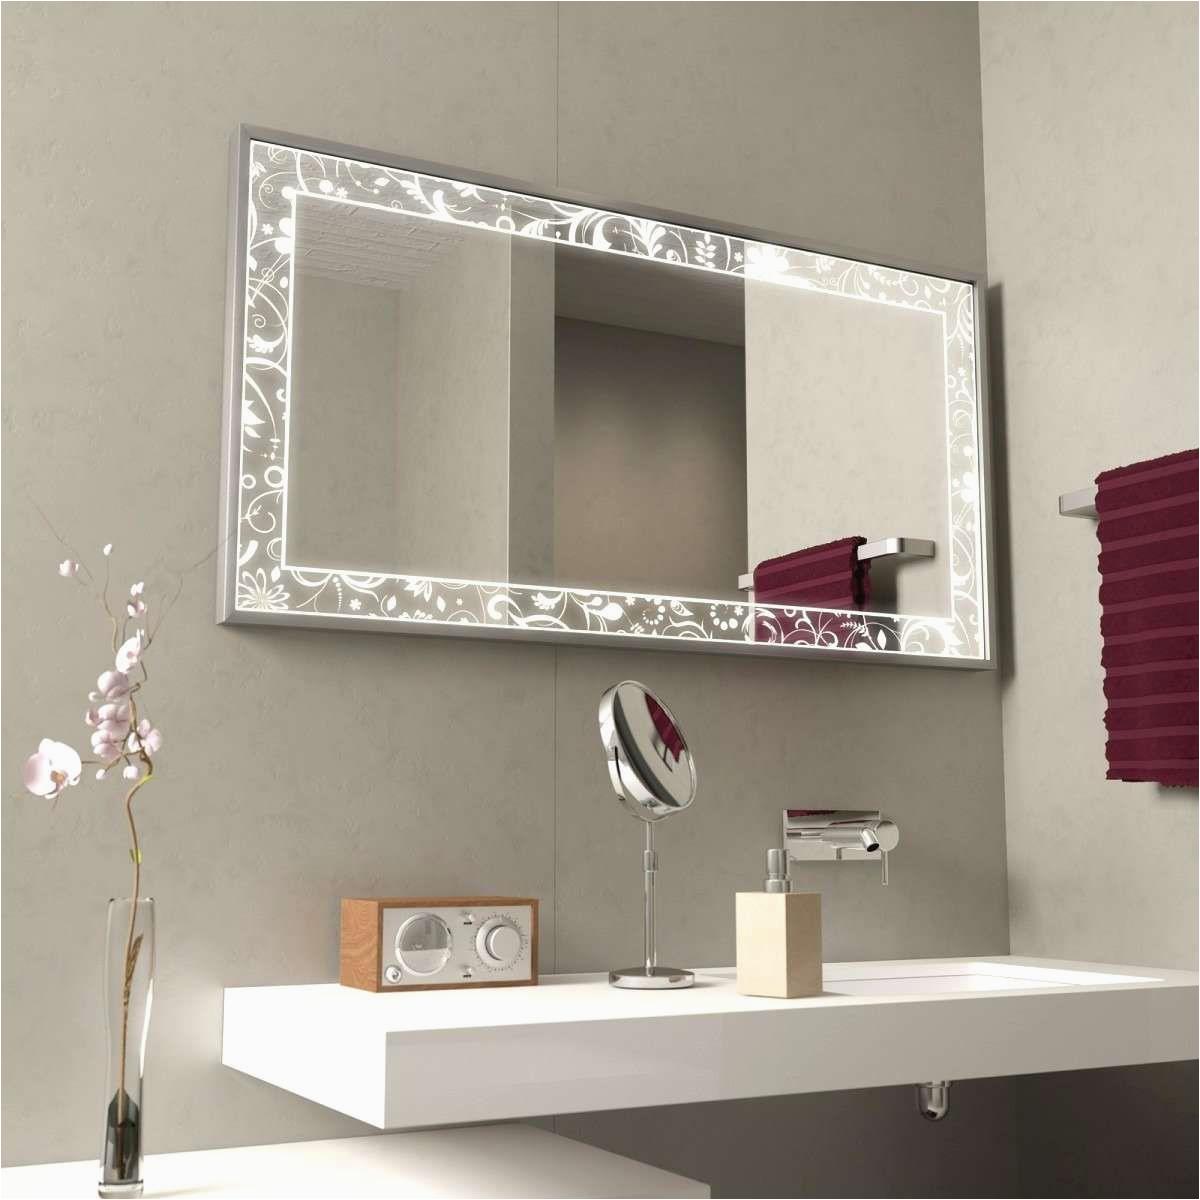 Badezimmerspiegel Rustikal Bilder Und Rahmen Badspiegel Mit Rahmen Inspirierend